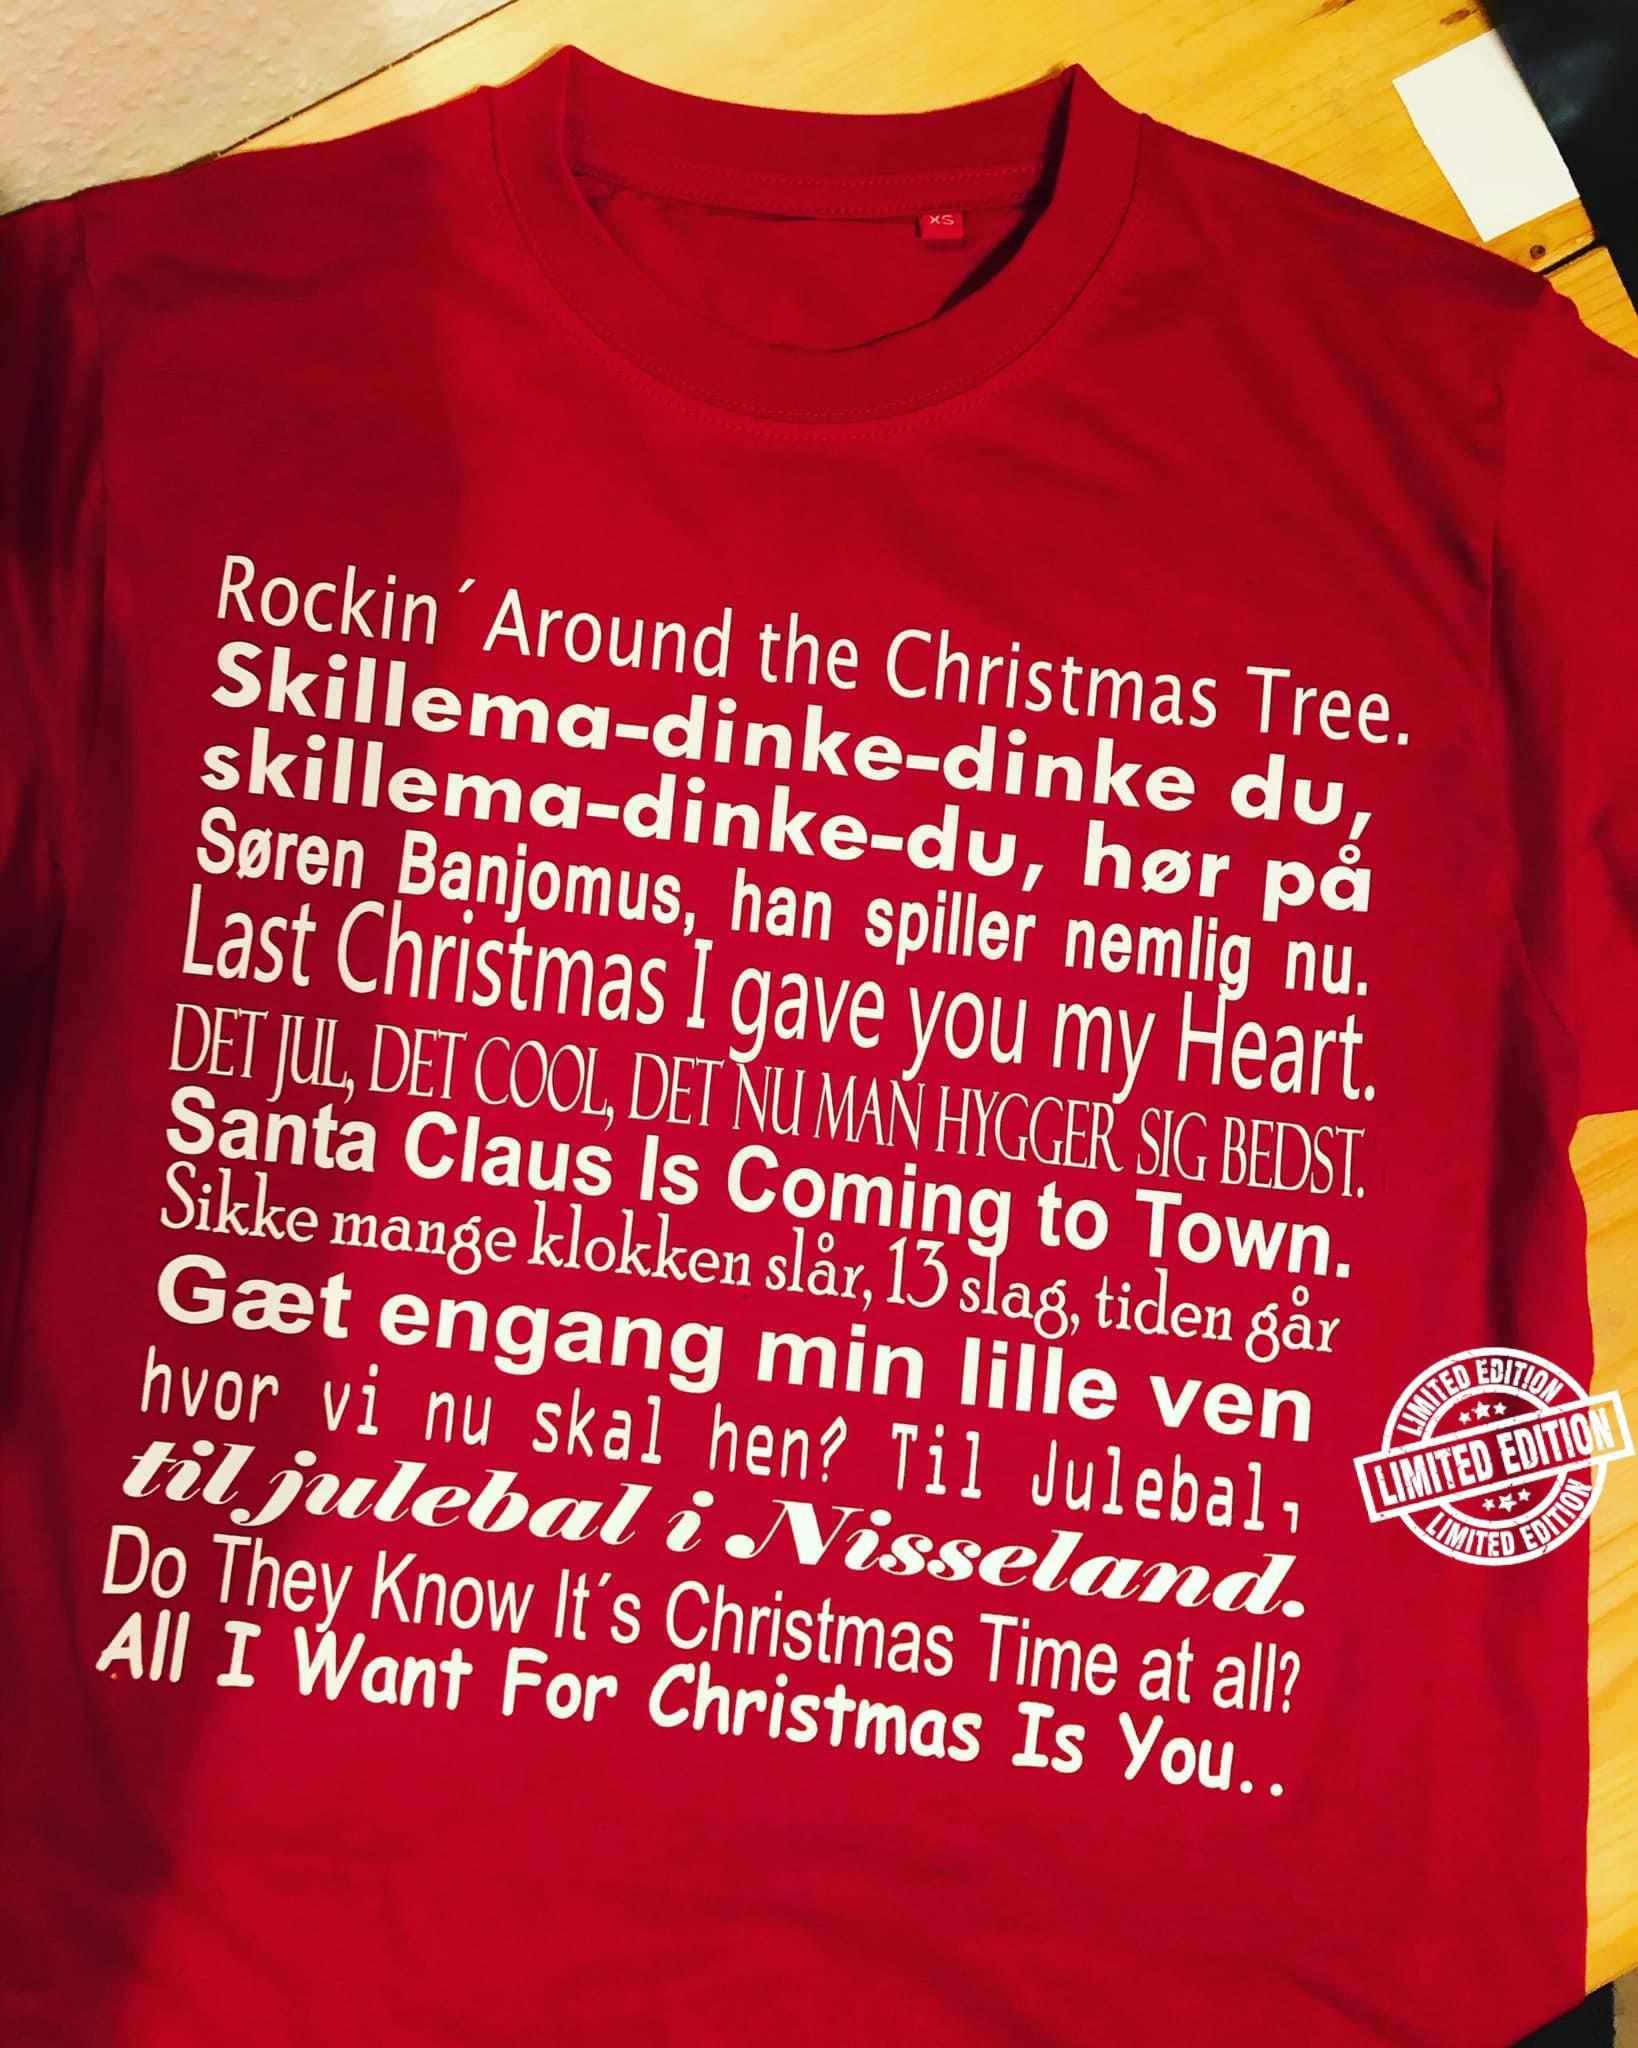 Rockin' around the christmas tree skillema dinke dinke du skillema dinke du shirt